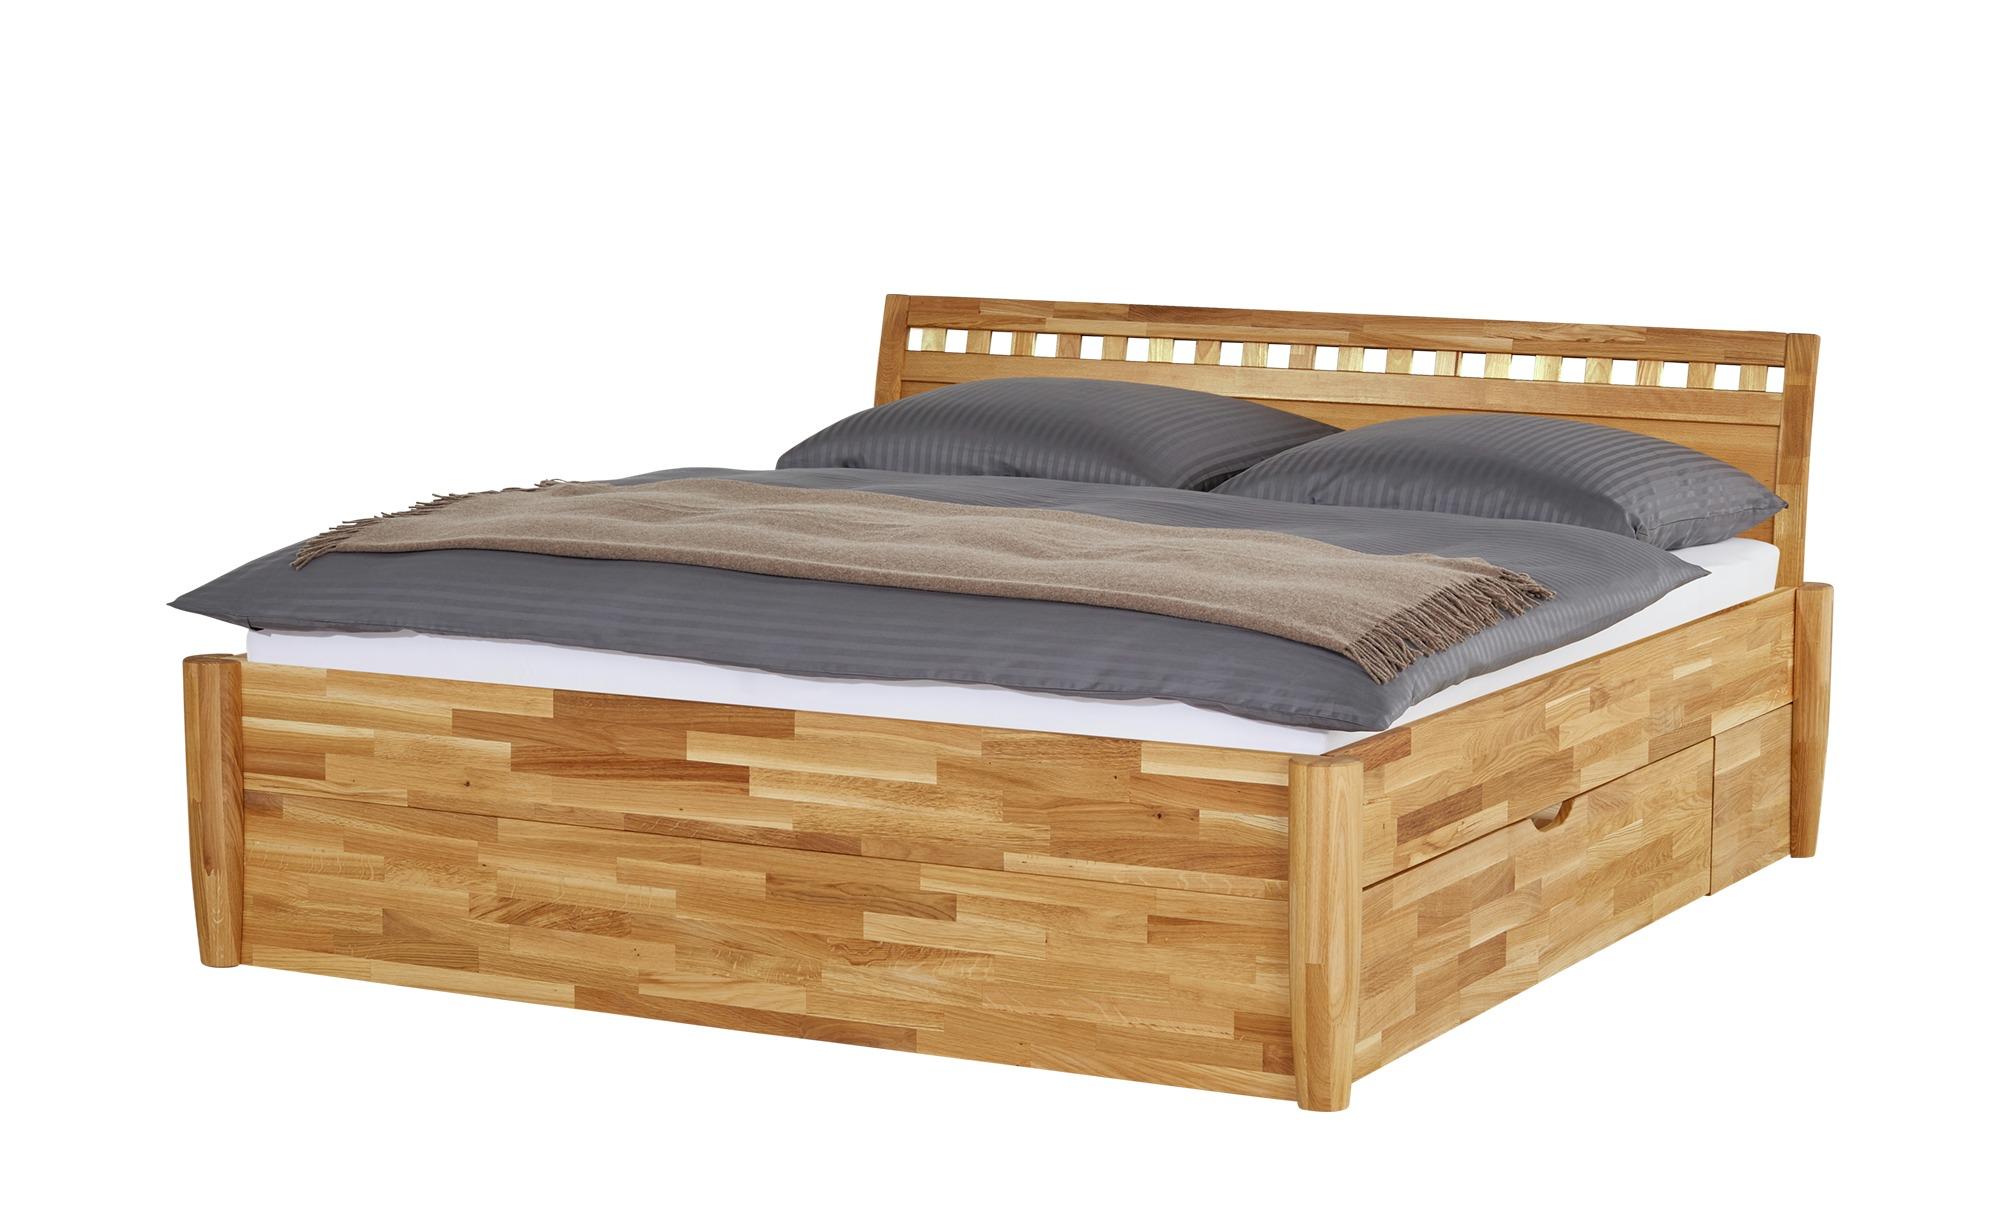 massivholz bettgestell timber breite 176 cm h he 93 cm holzfarben online kaufen bei woonio. Black Bedroom Furniture Sets. Home Design Ideas